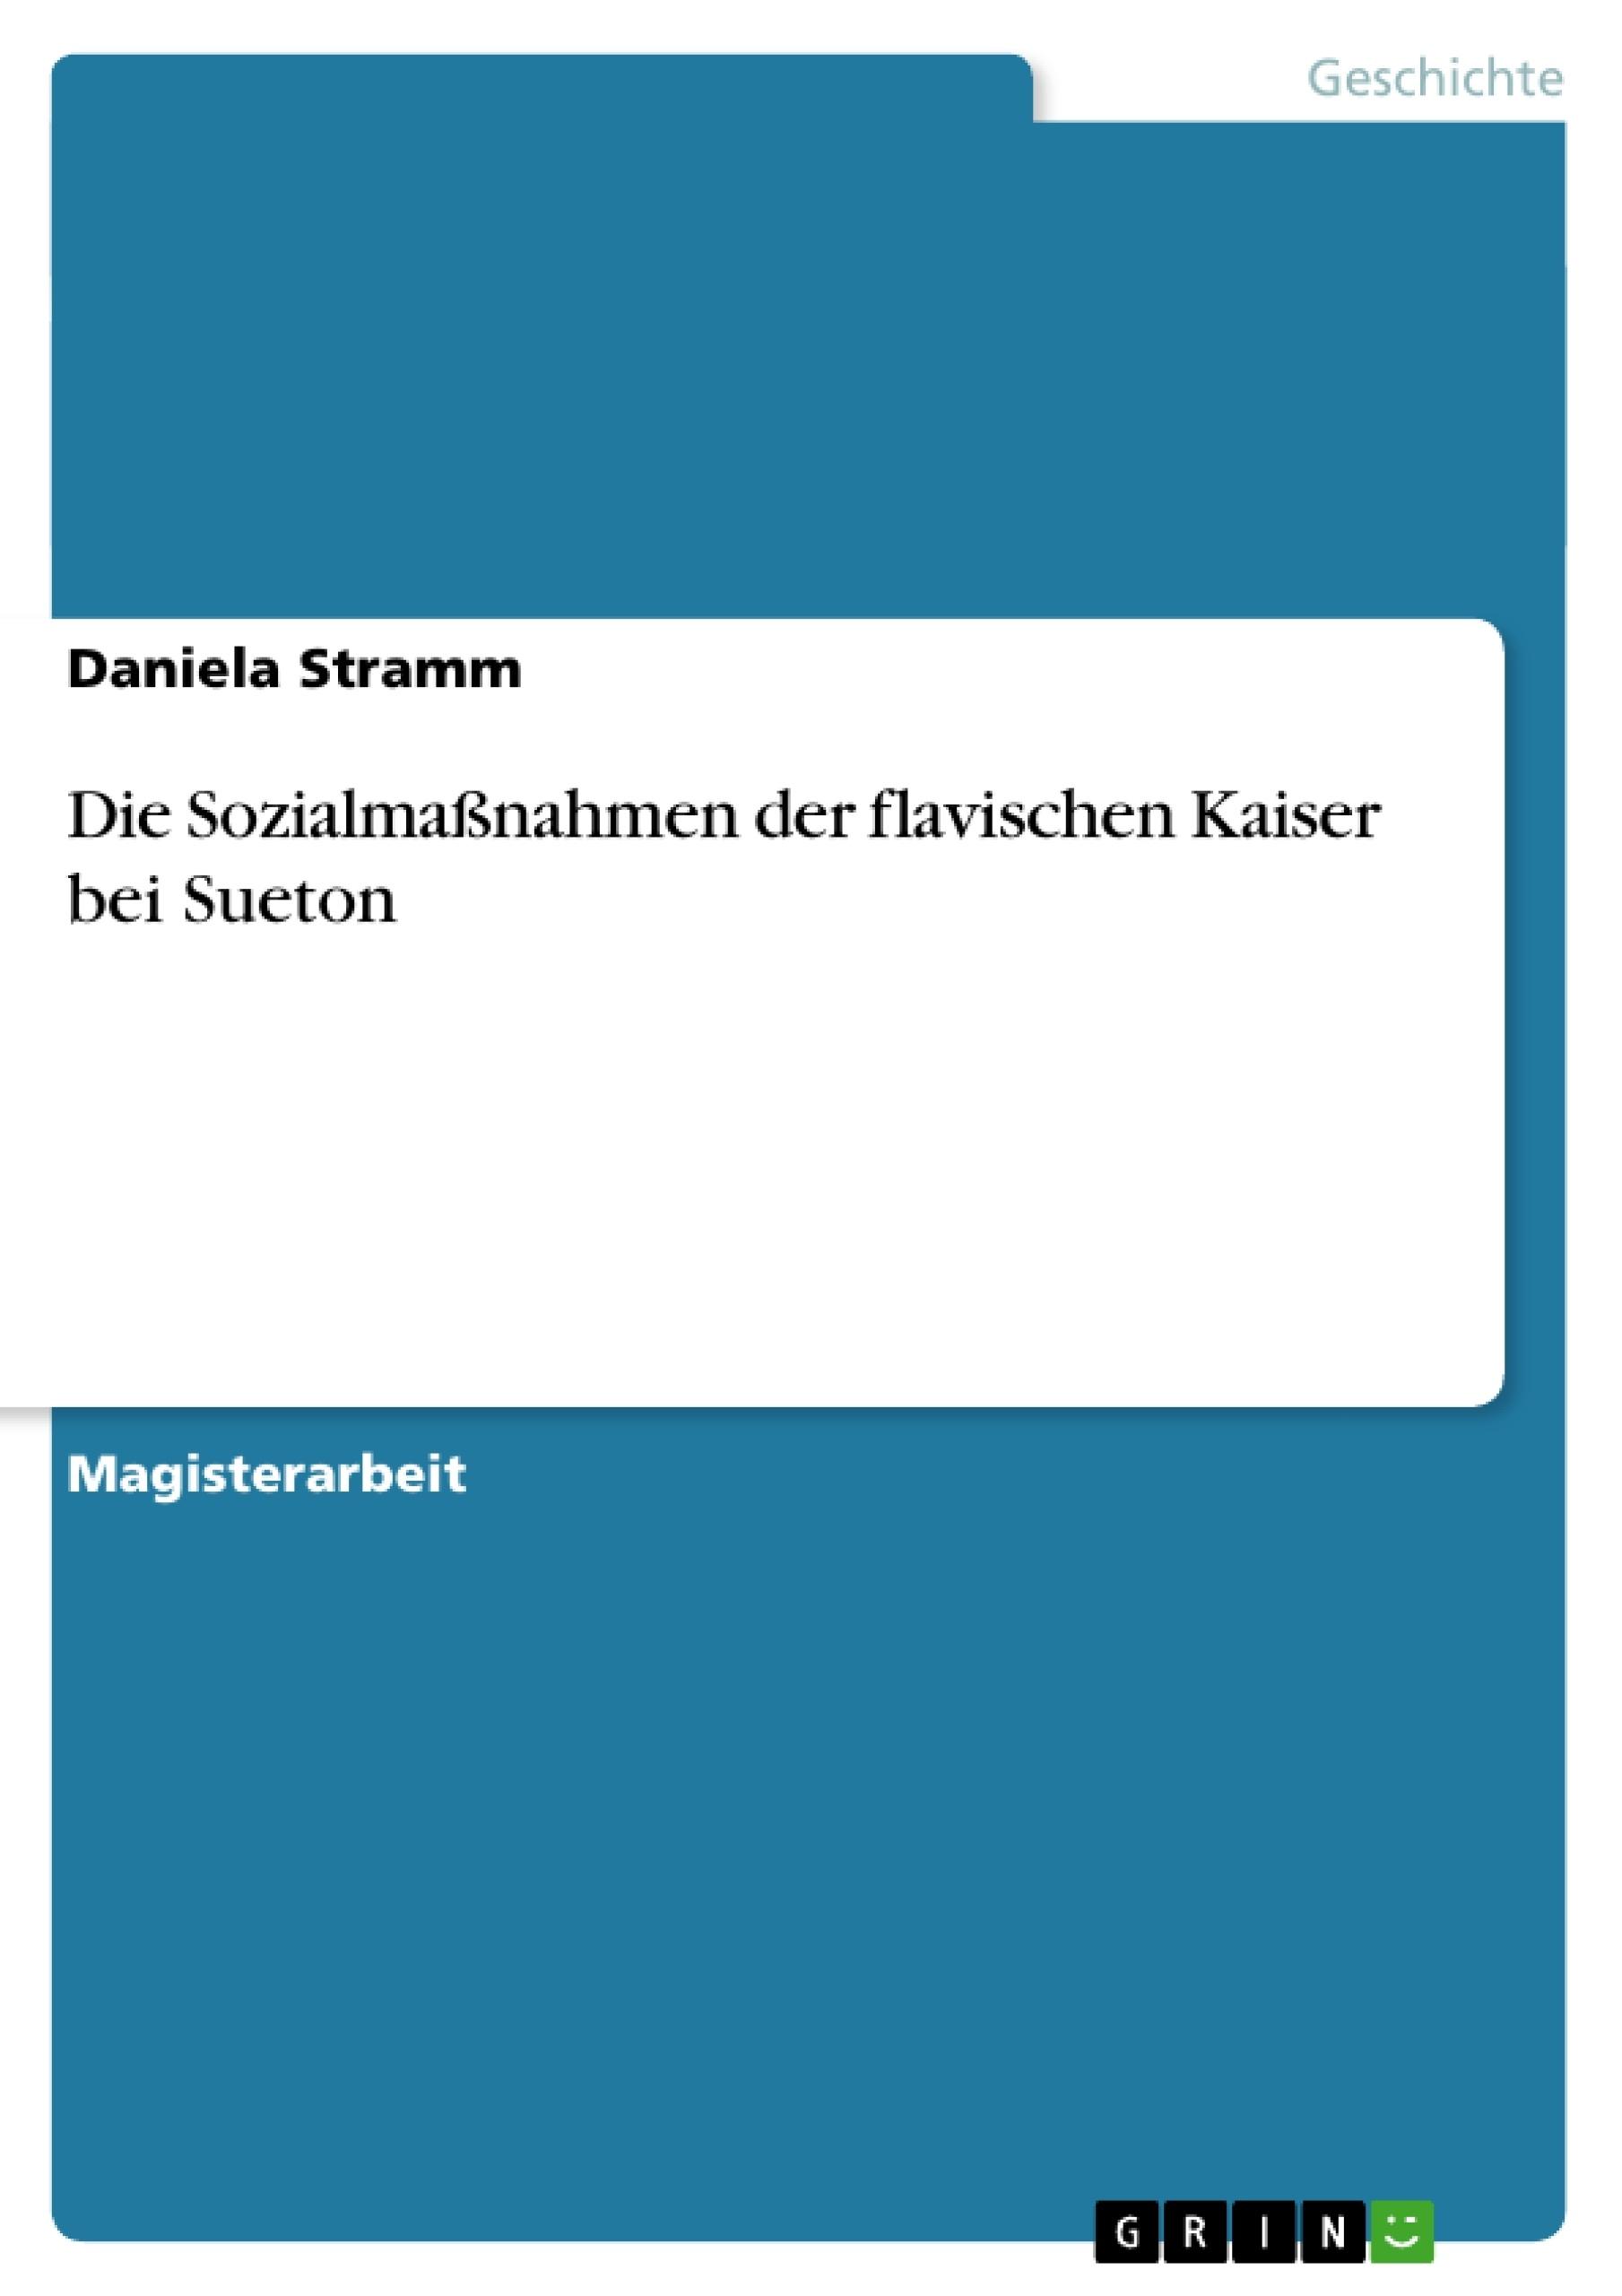 Titel: Die Sozialmaßnahmen der flavischen Kaiser bei Sueton